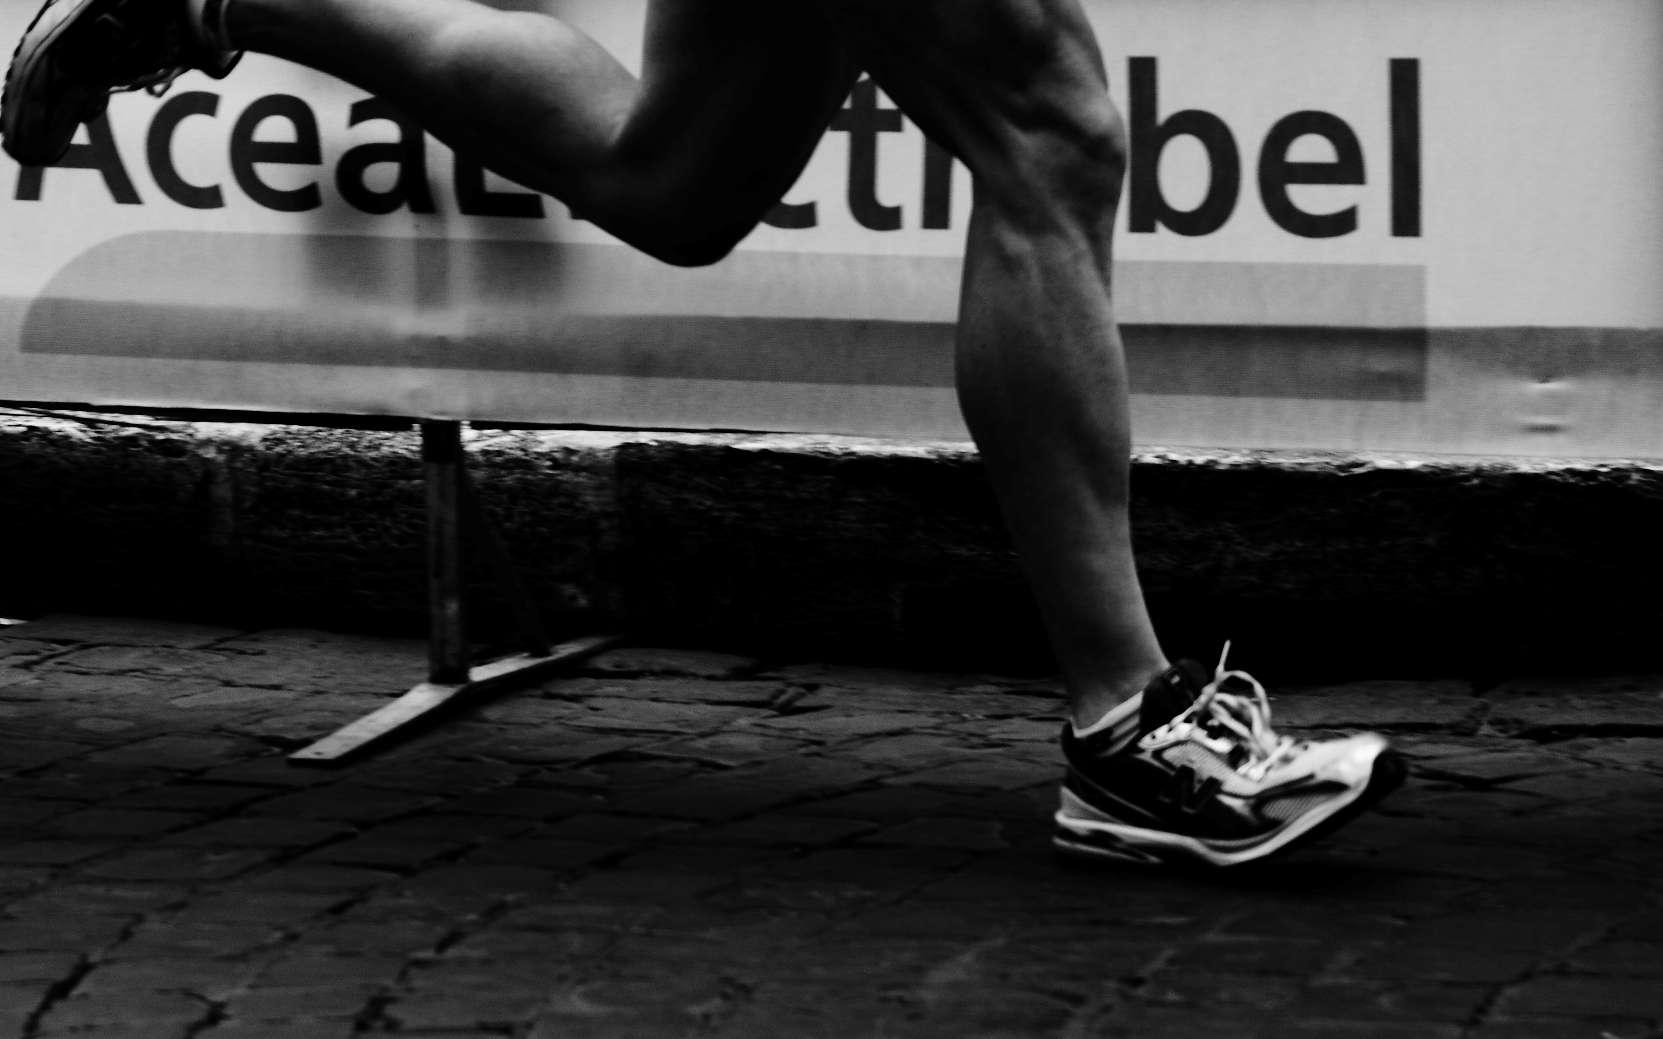 Pratiquer une activité physique régulière, comme la marche ou la course à pied, pourrait protéger du diabète et de l'obésité en régulant des gènes retrouvés dans le tissu adipeux. © Giulio Menna, Fotopedia, cc by nd 2.0